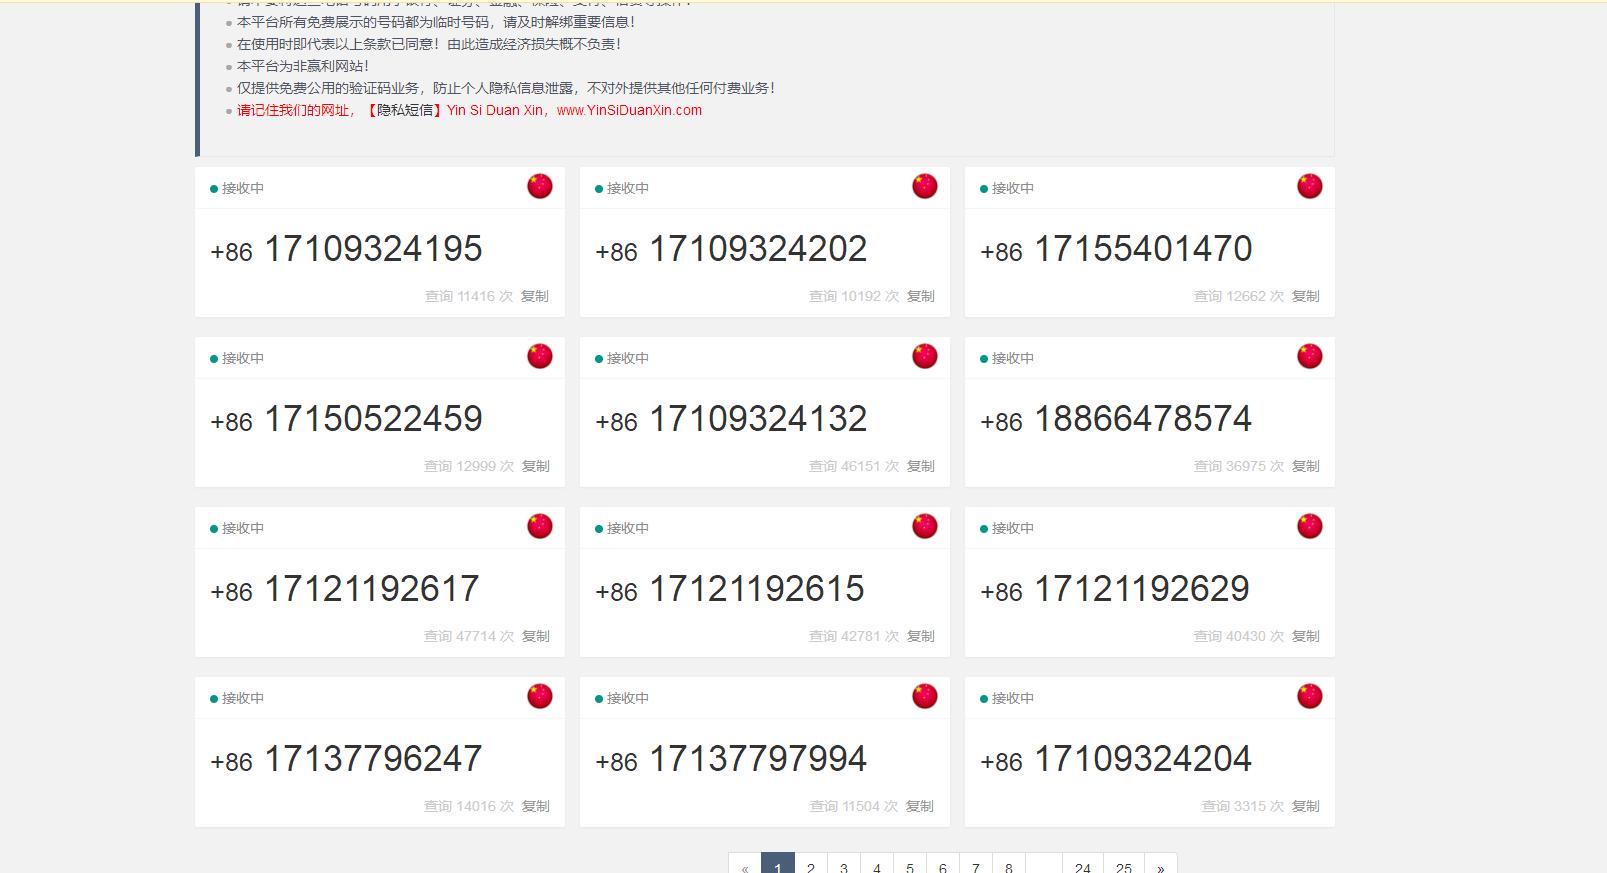 【分享】网站免费接码地址-爱小助